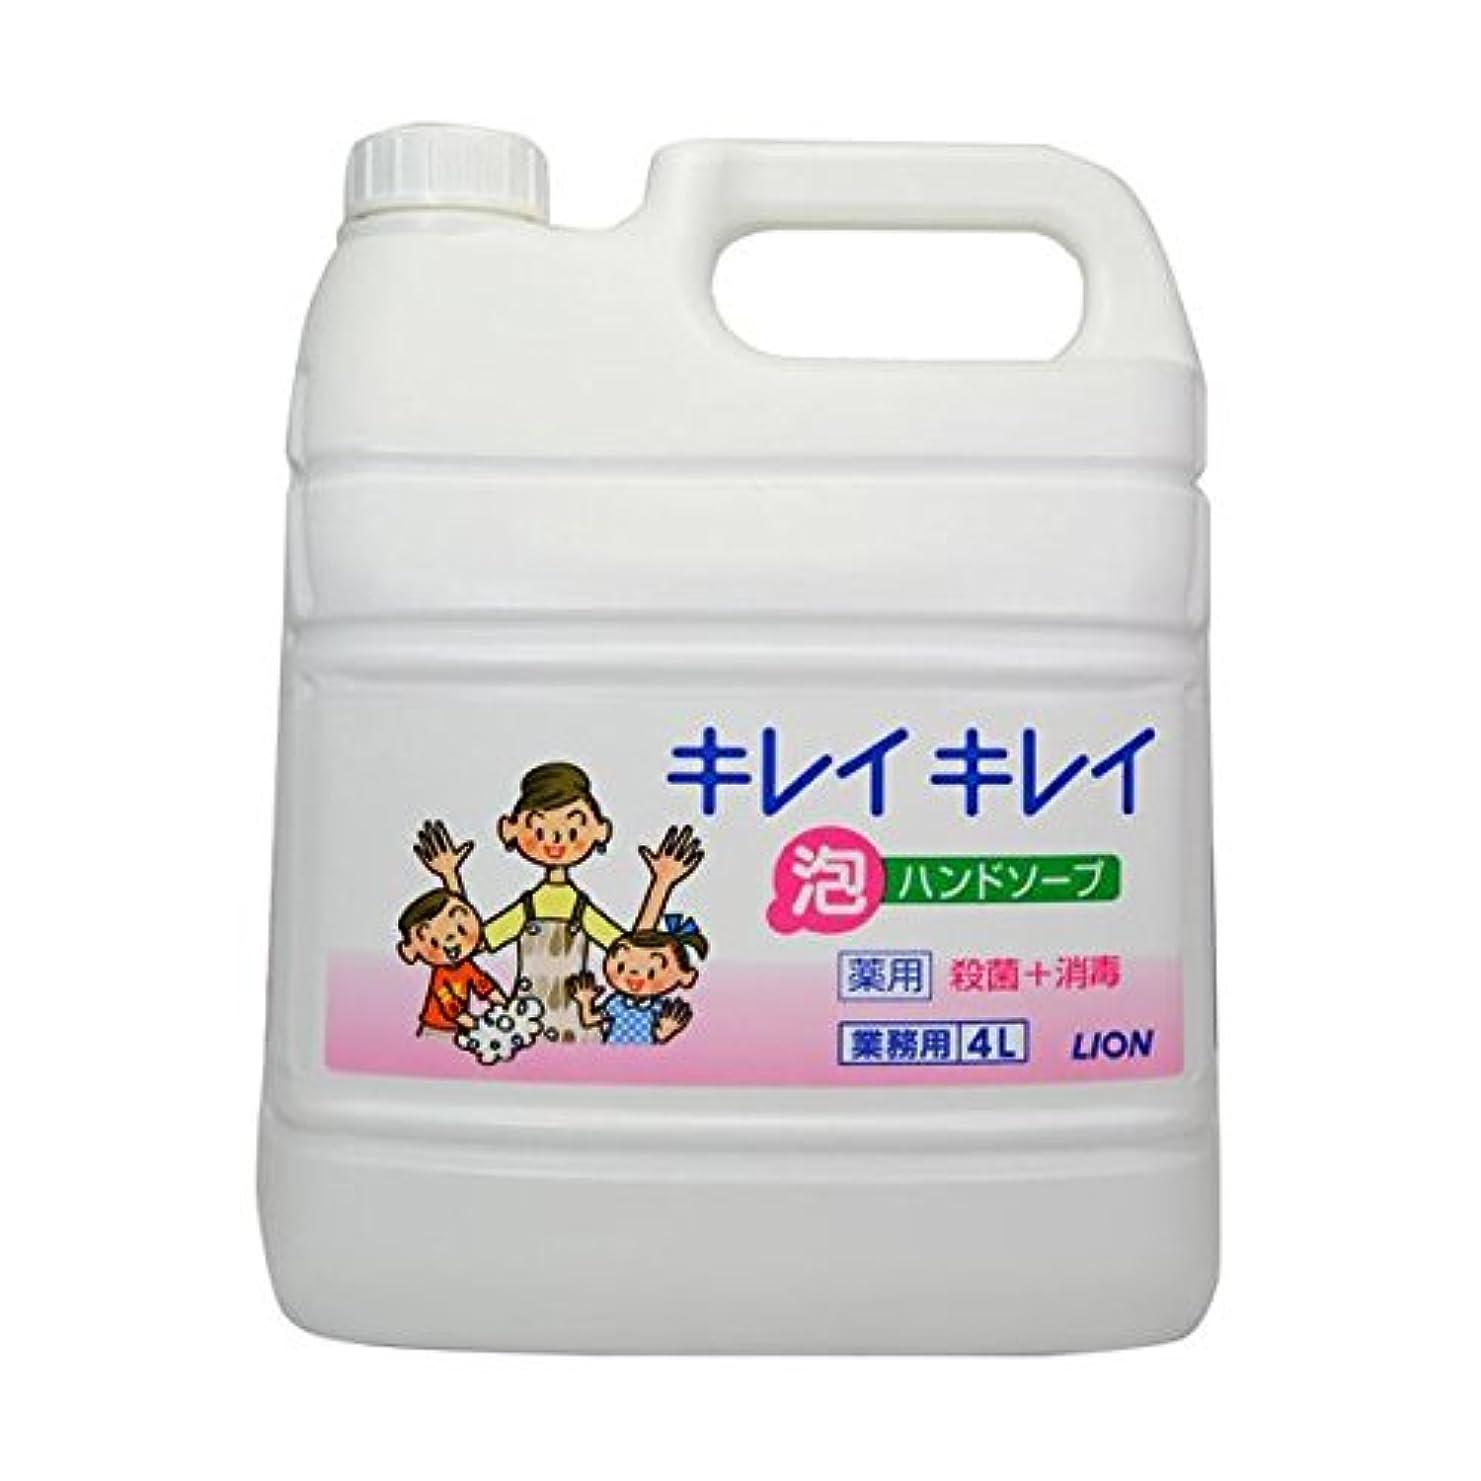 ナチュラル石灰岩キャンペーンキレイキレイ薬用泡ハンドソープ 4Lボトル×2個+専用泡容器700mLセット